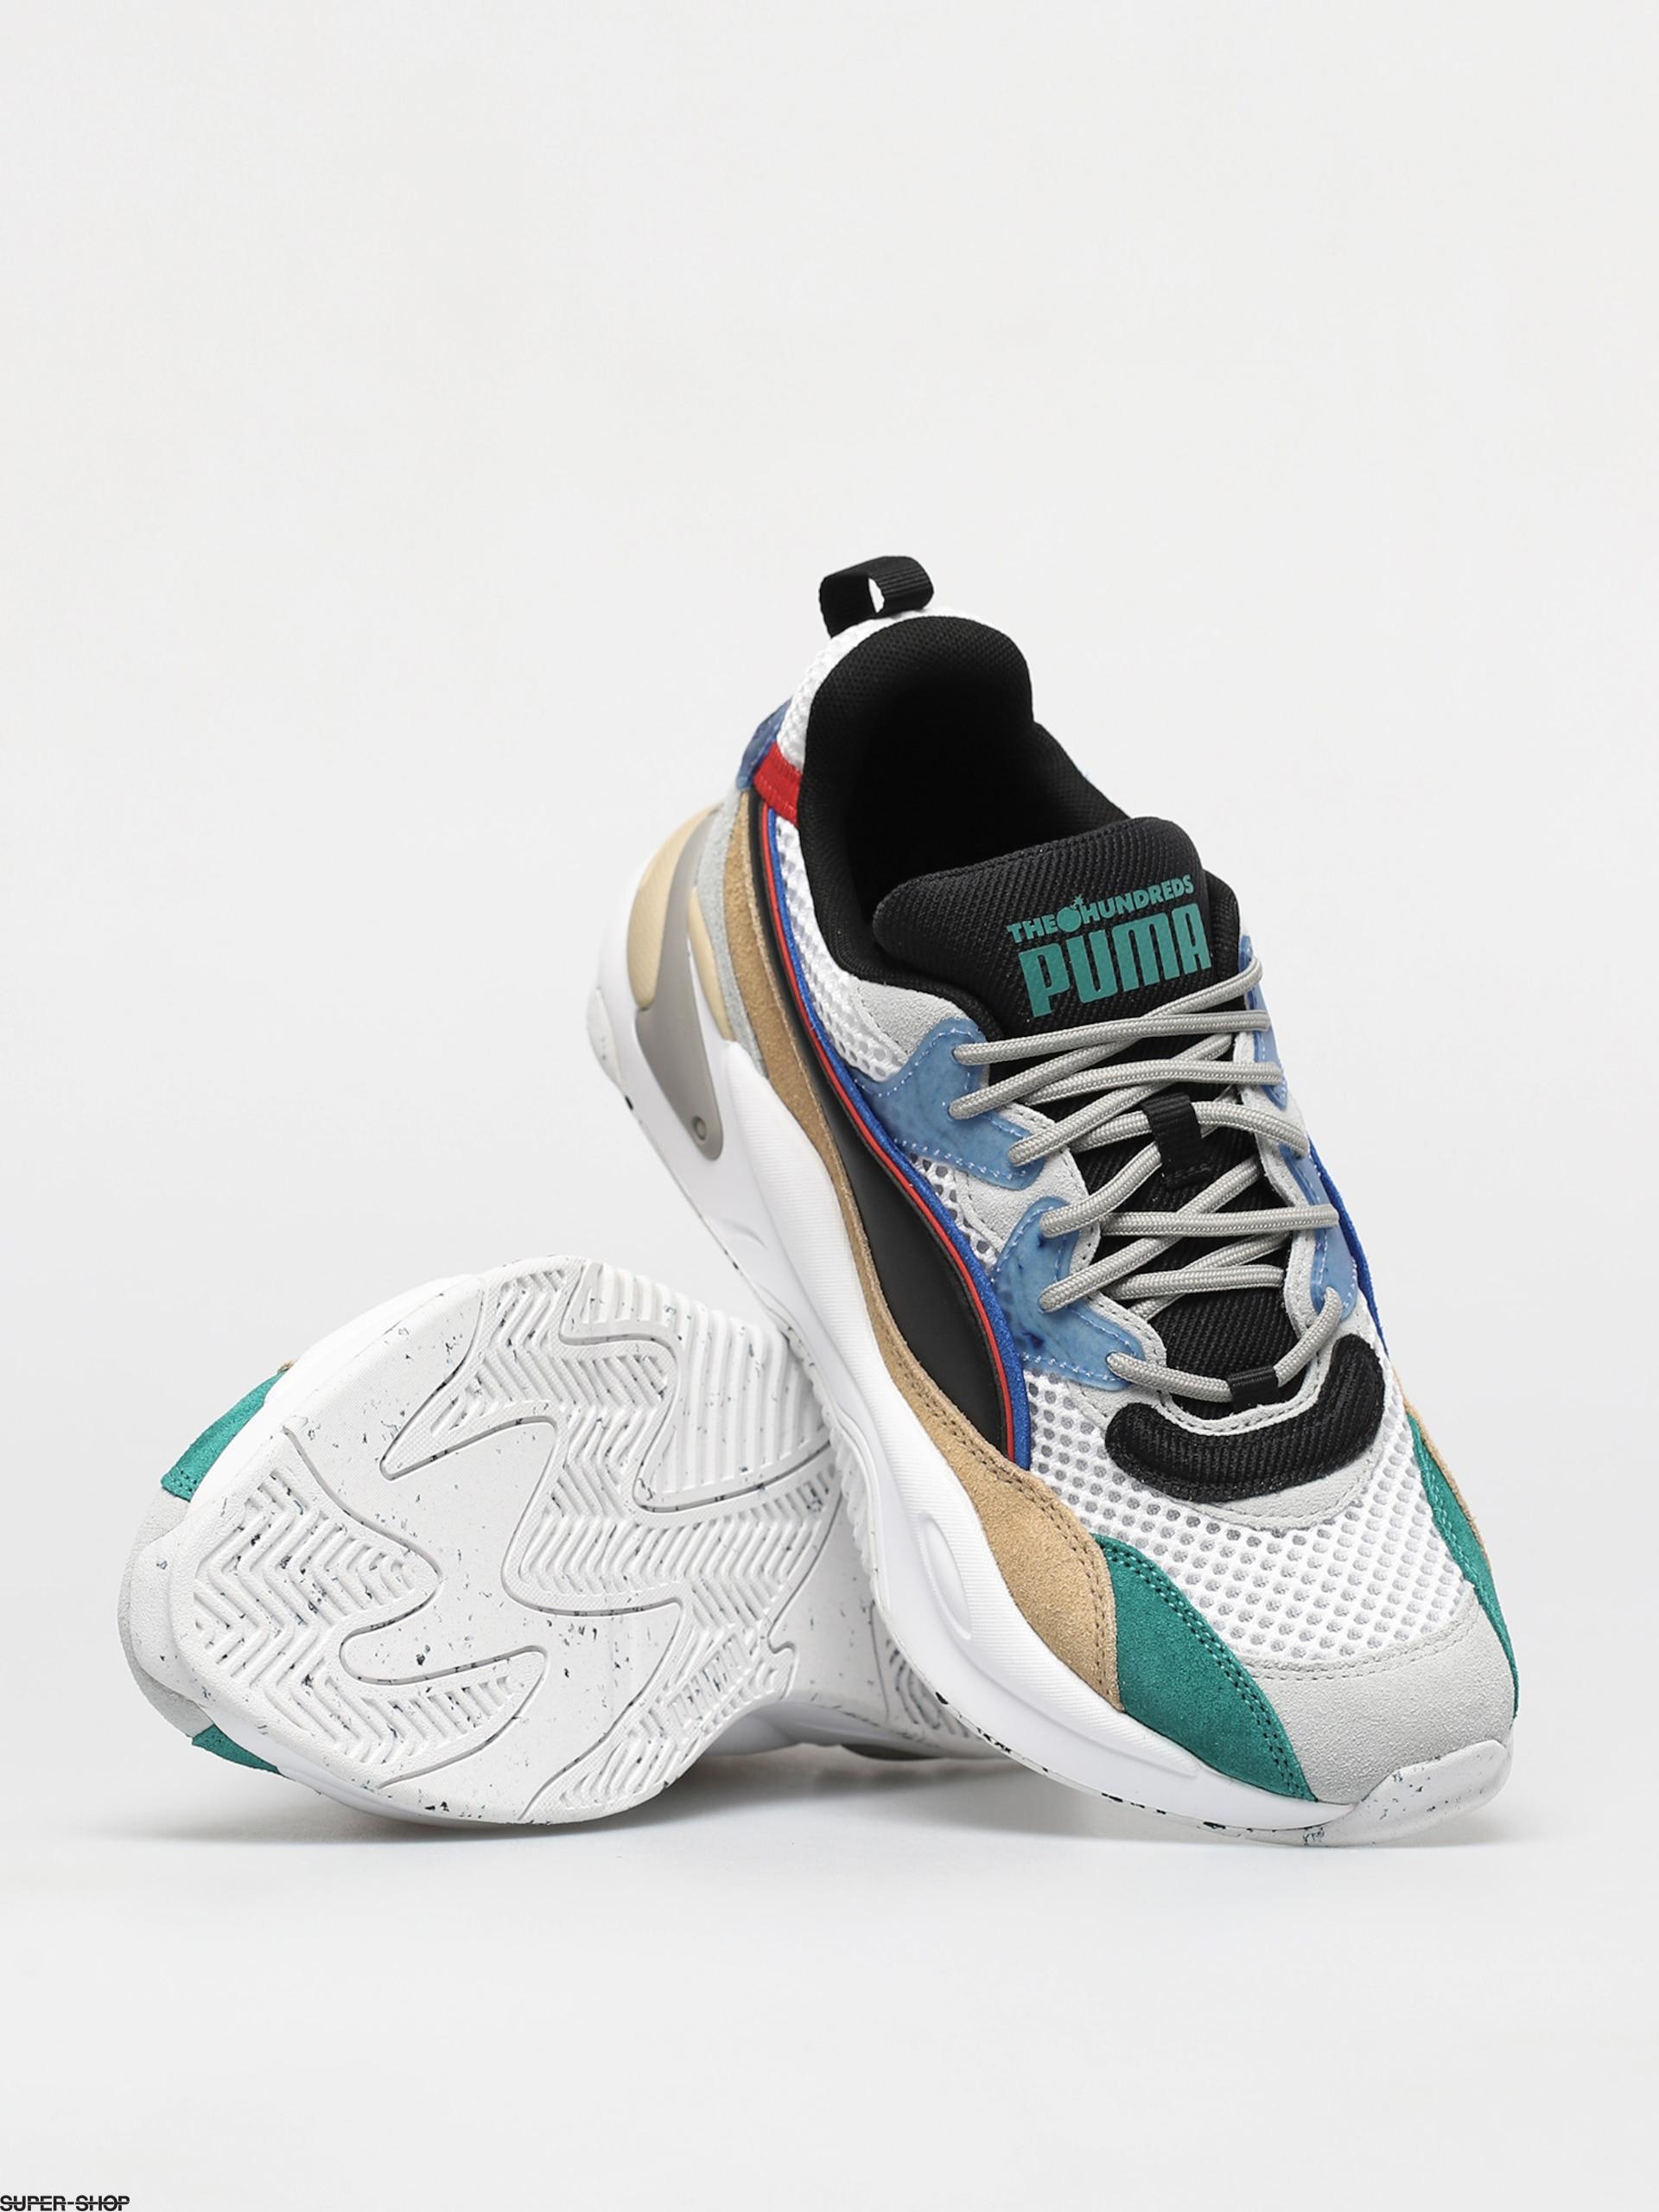 Puma Rs 2k Hf The Hundreds Shoes White Asparagus